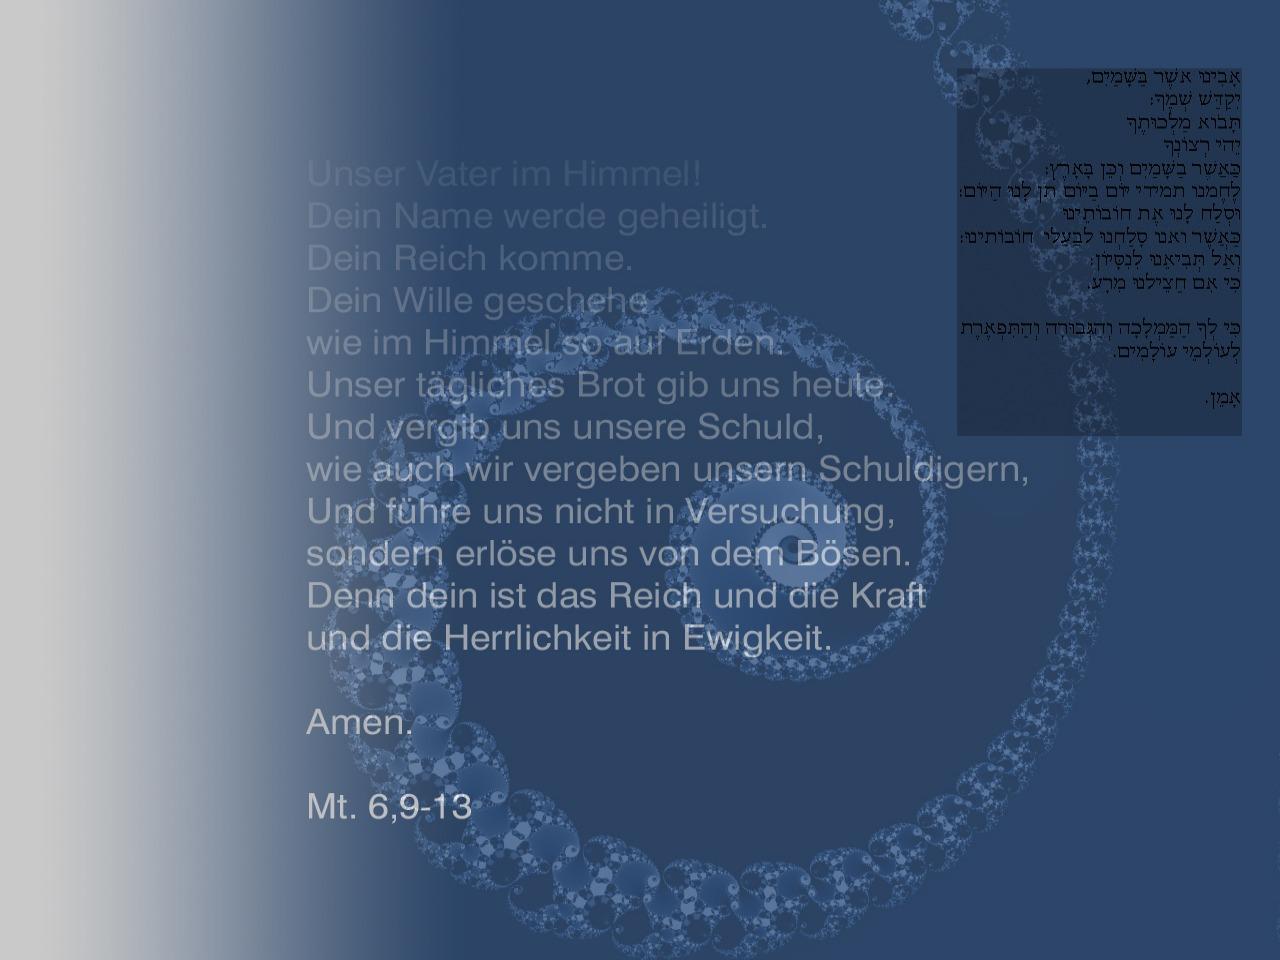 Vater unser christliche hintergrundbilder - Christliche hintergrundbilder ...